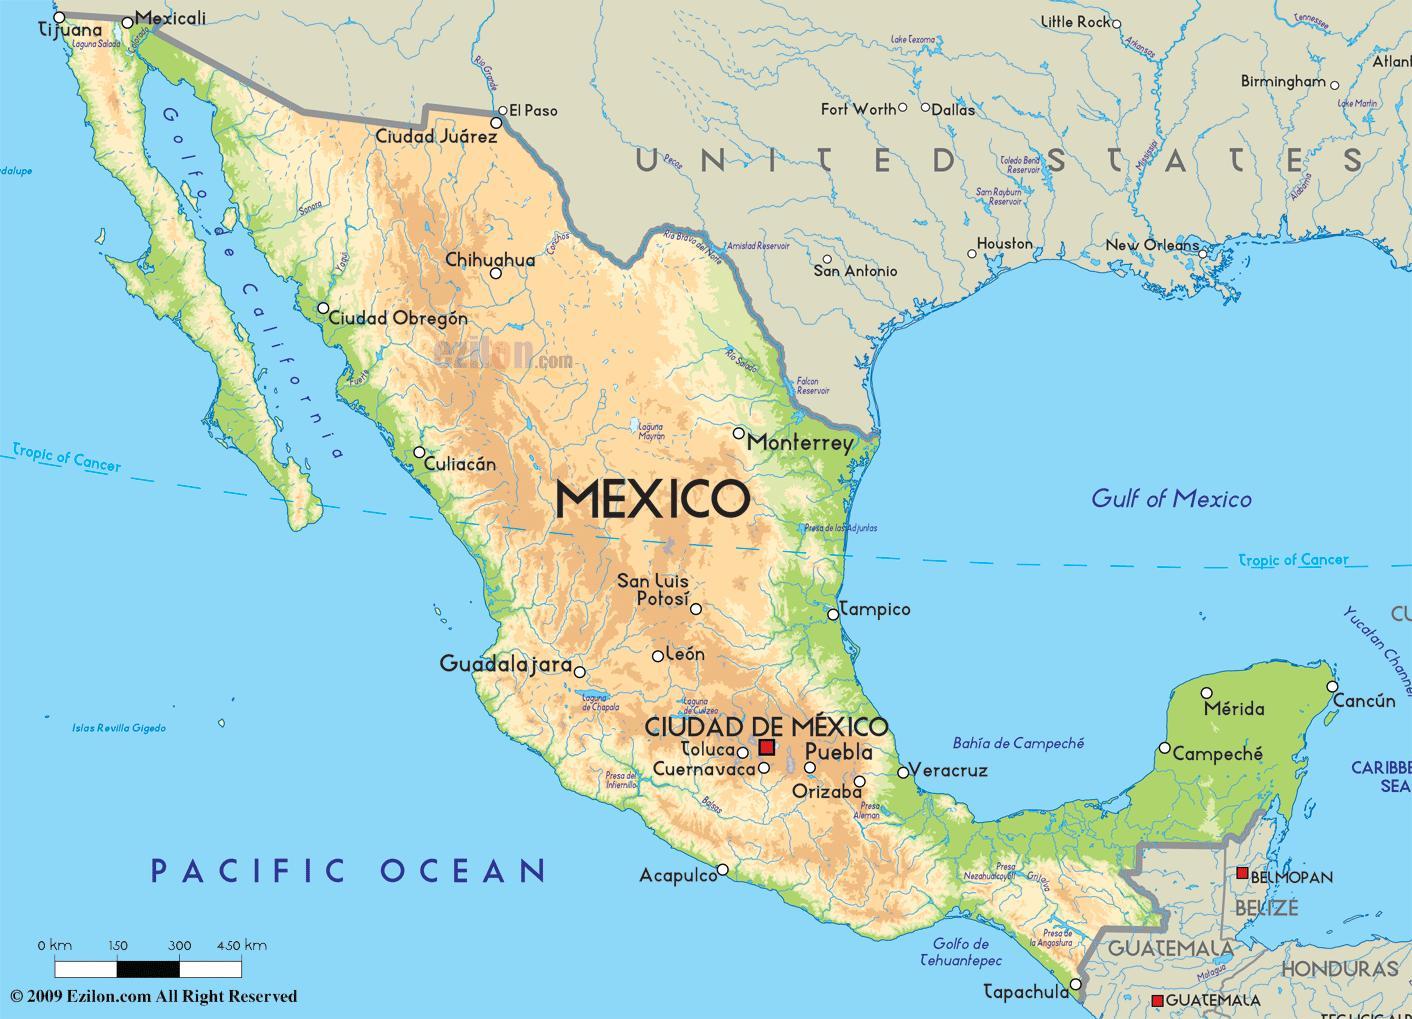 mexico kart Mexico kart   Kart Mexico (Sentral Amerika   Amerika) mexico kart